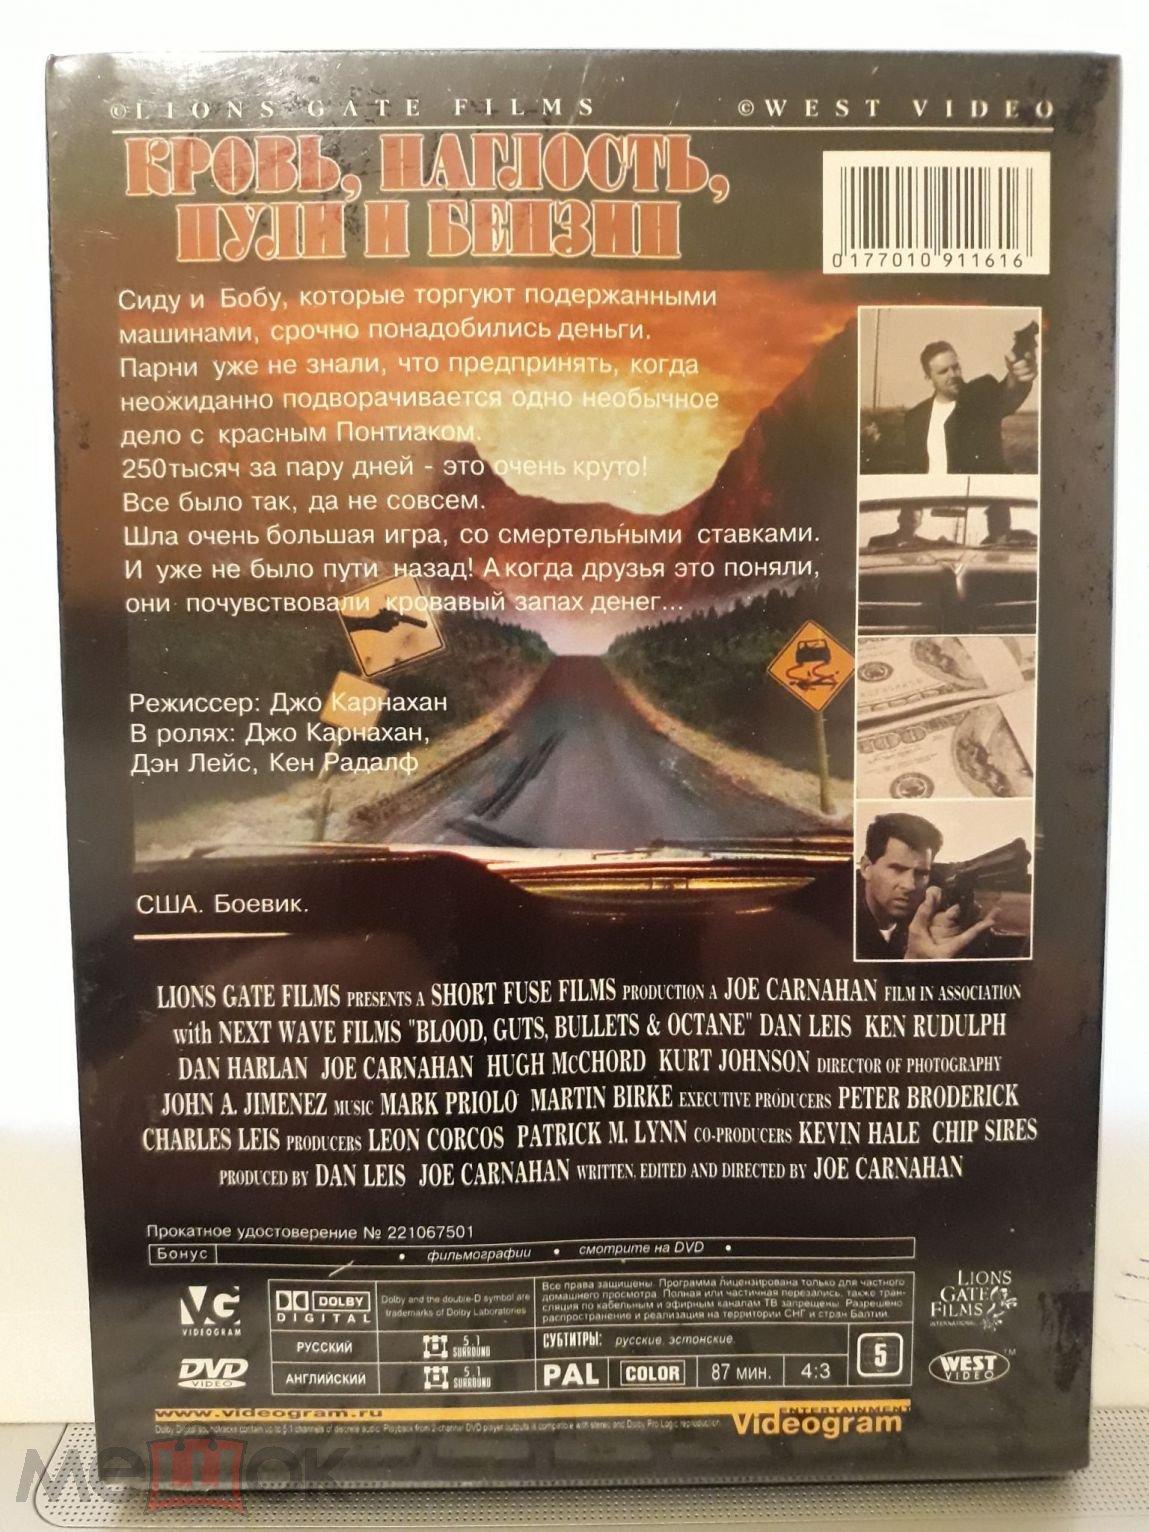 Кровь,наглость,пули и бензин(реж.Джо.Карнахан) Слипкейс. Запечатан.  Солтисс / Видеограм 2001г.